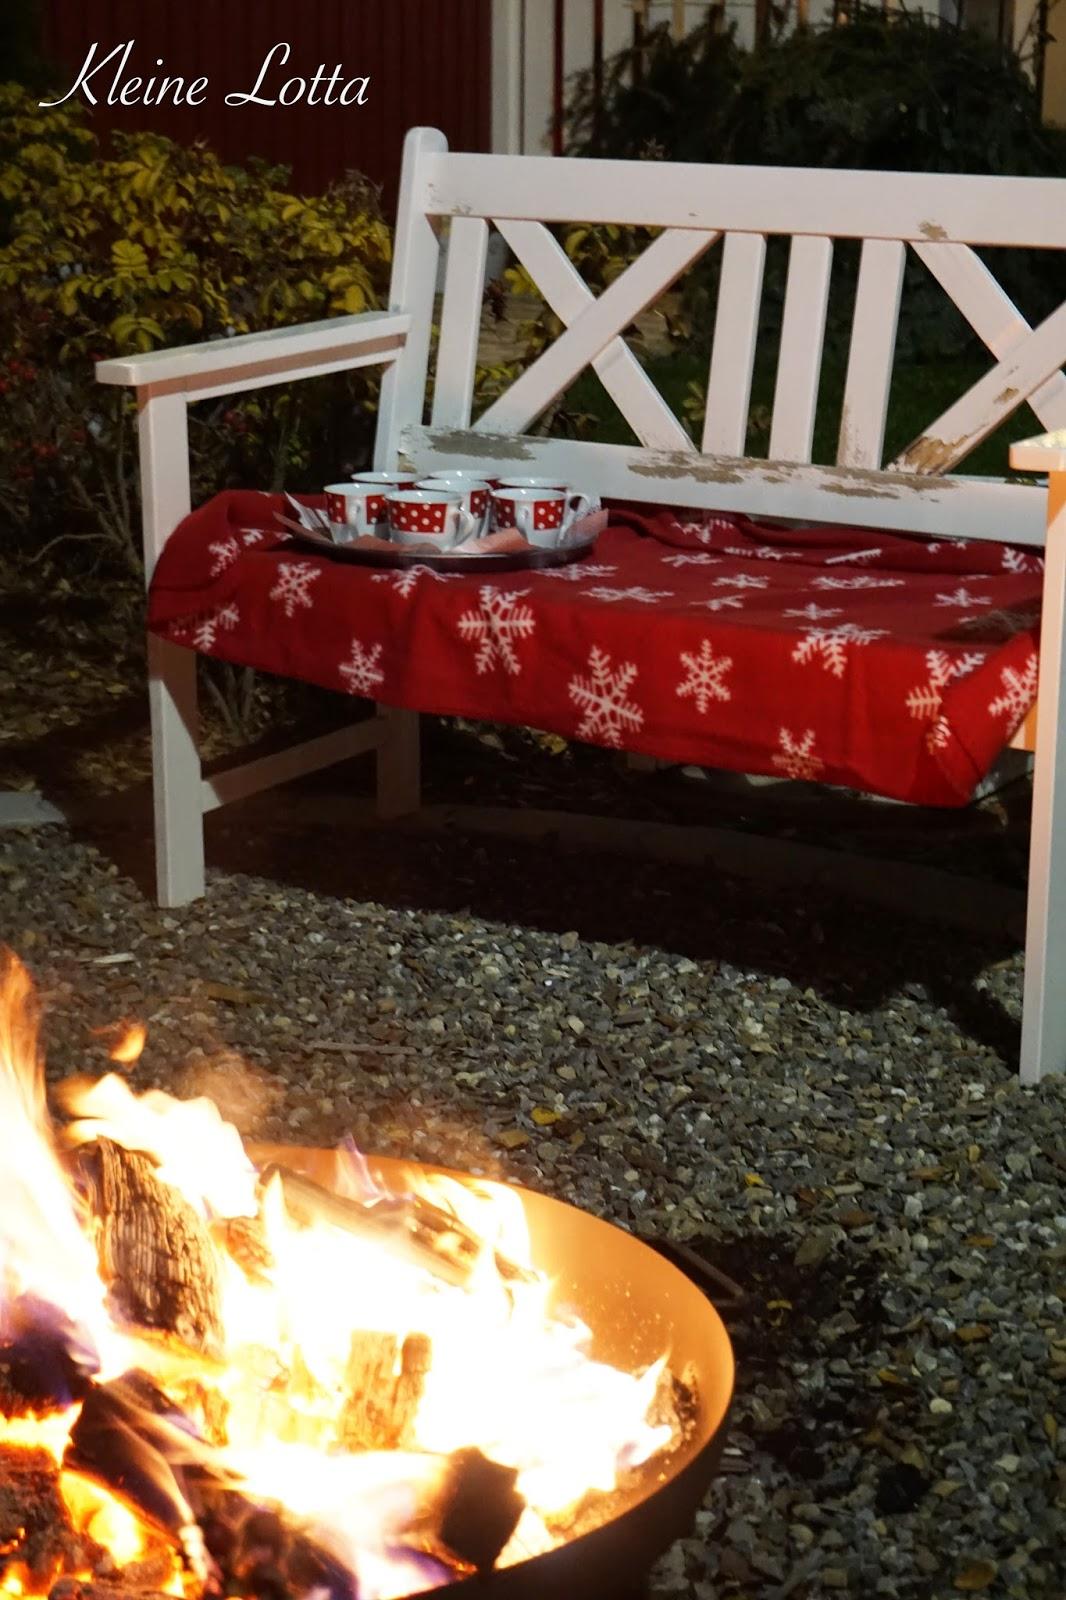 kleine lotta unser schwedenhaus weihnachten 2015. Black Bedroom Furniture Sets. Home Design Ideas